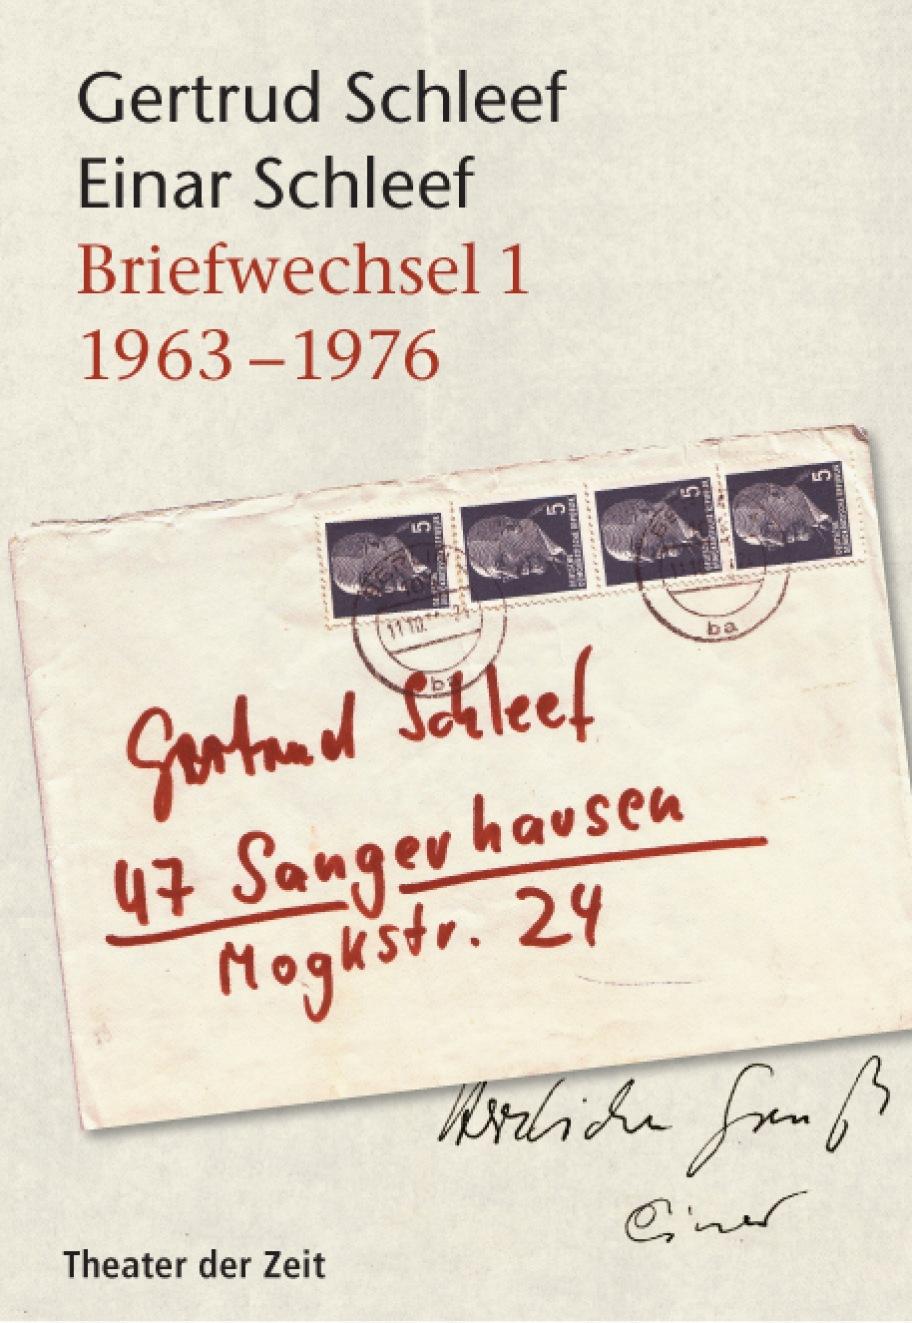 Briefwechsel 1 (1963 – 1976)